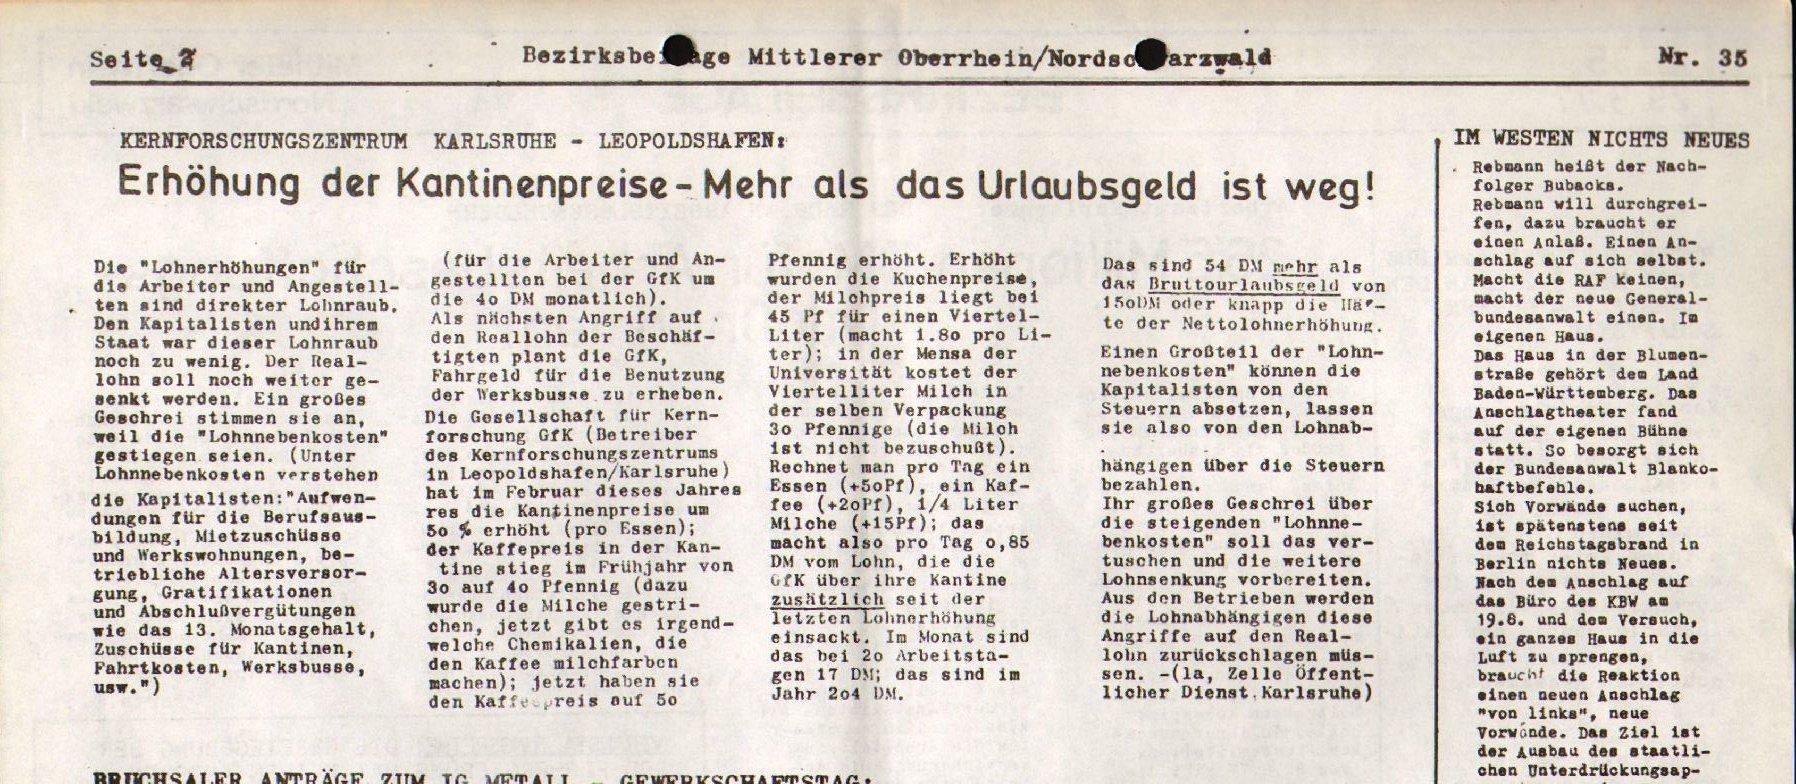 Oberrhein_KVZ391